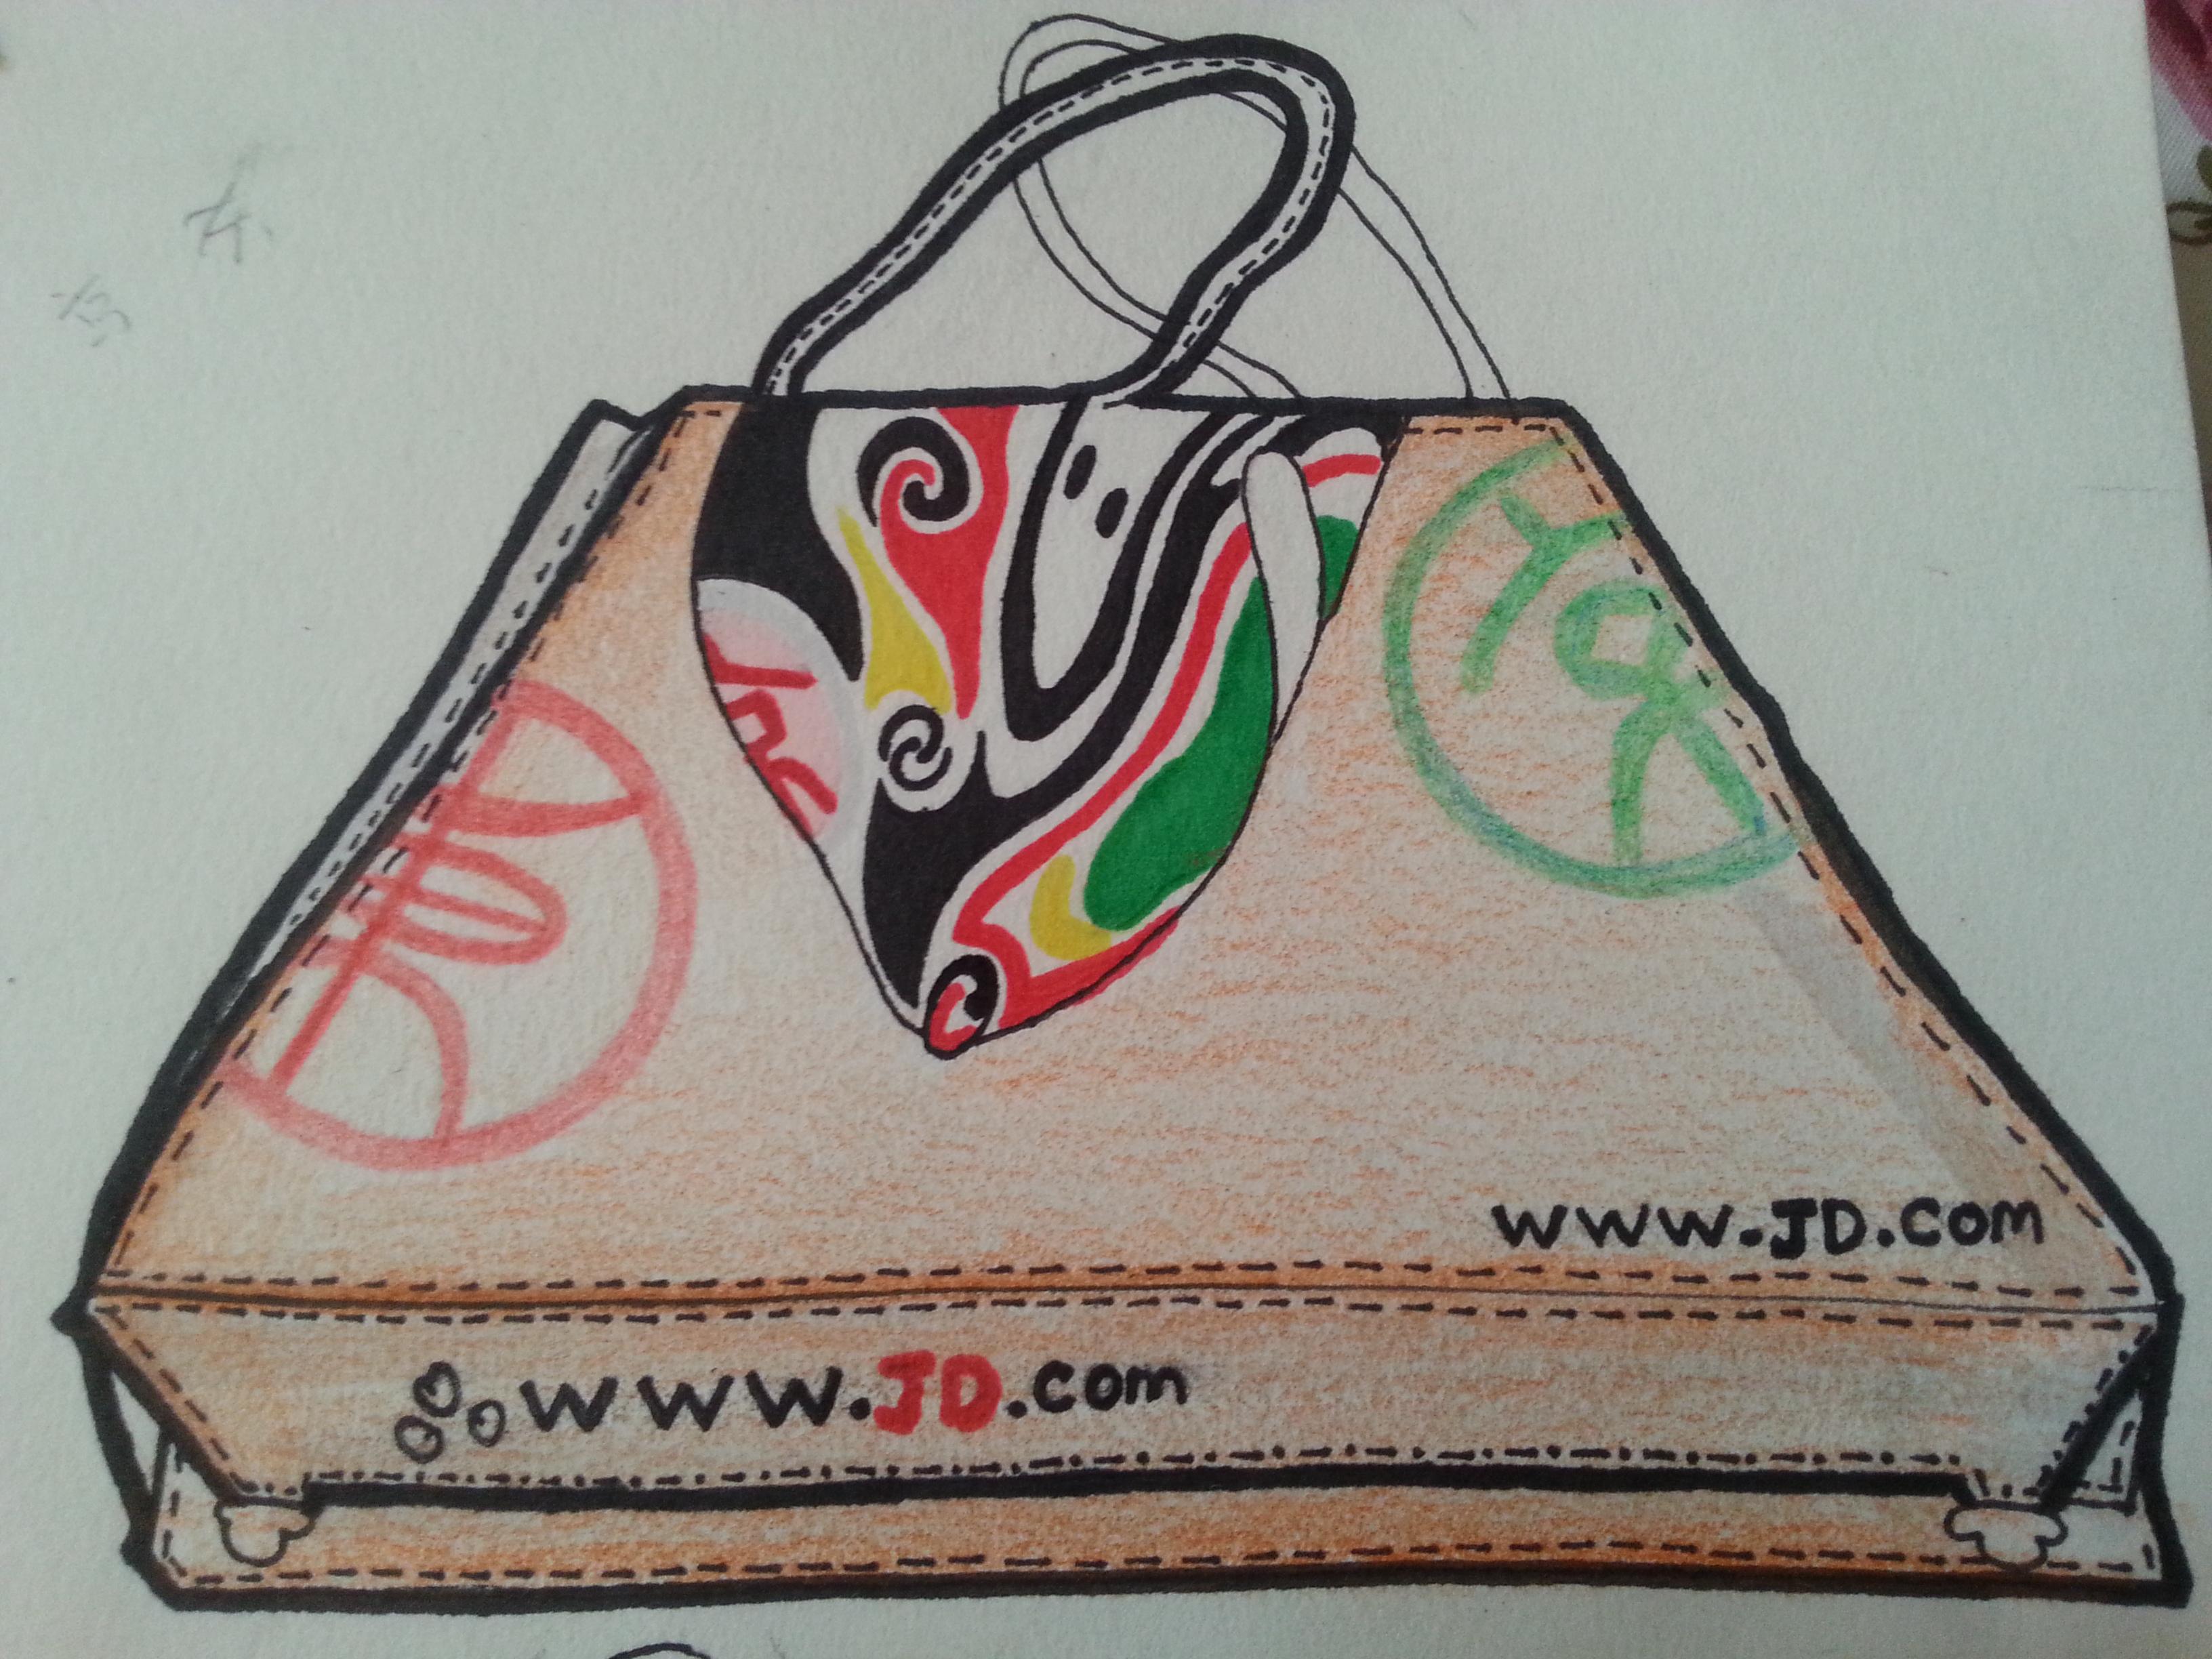 joy 设计手袋|工业/产品|礼品/纪念品|邵大志 - 原创图片